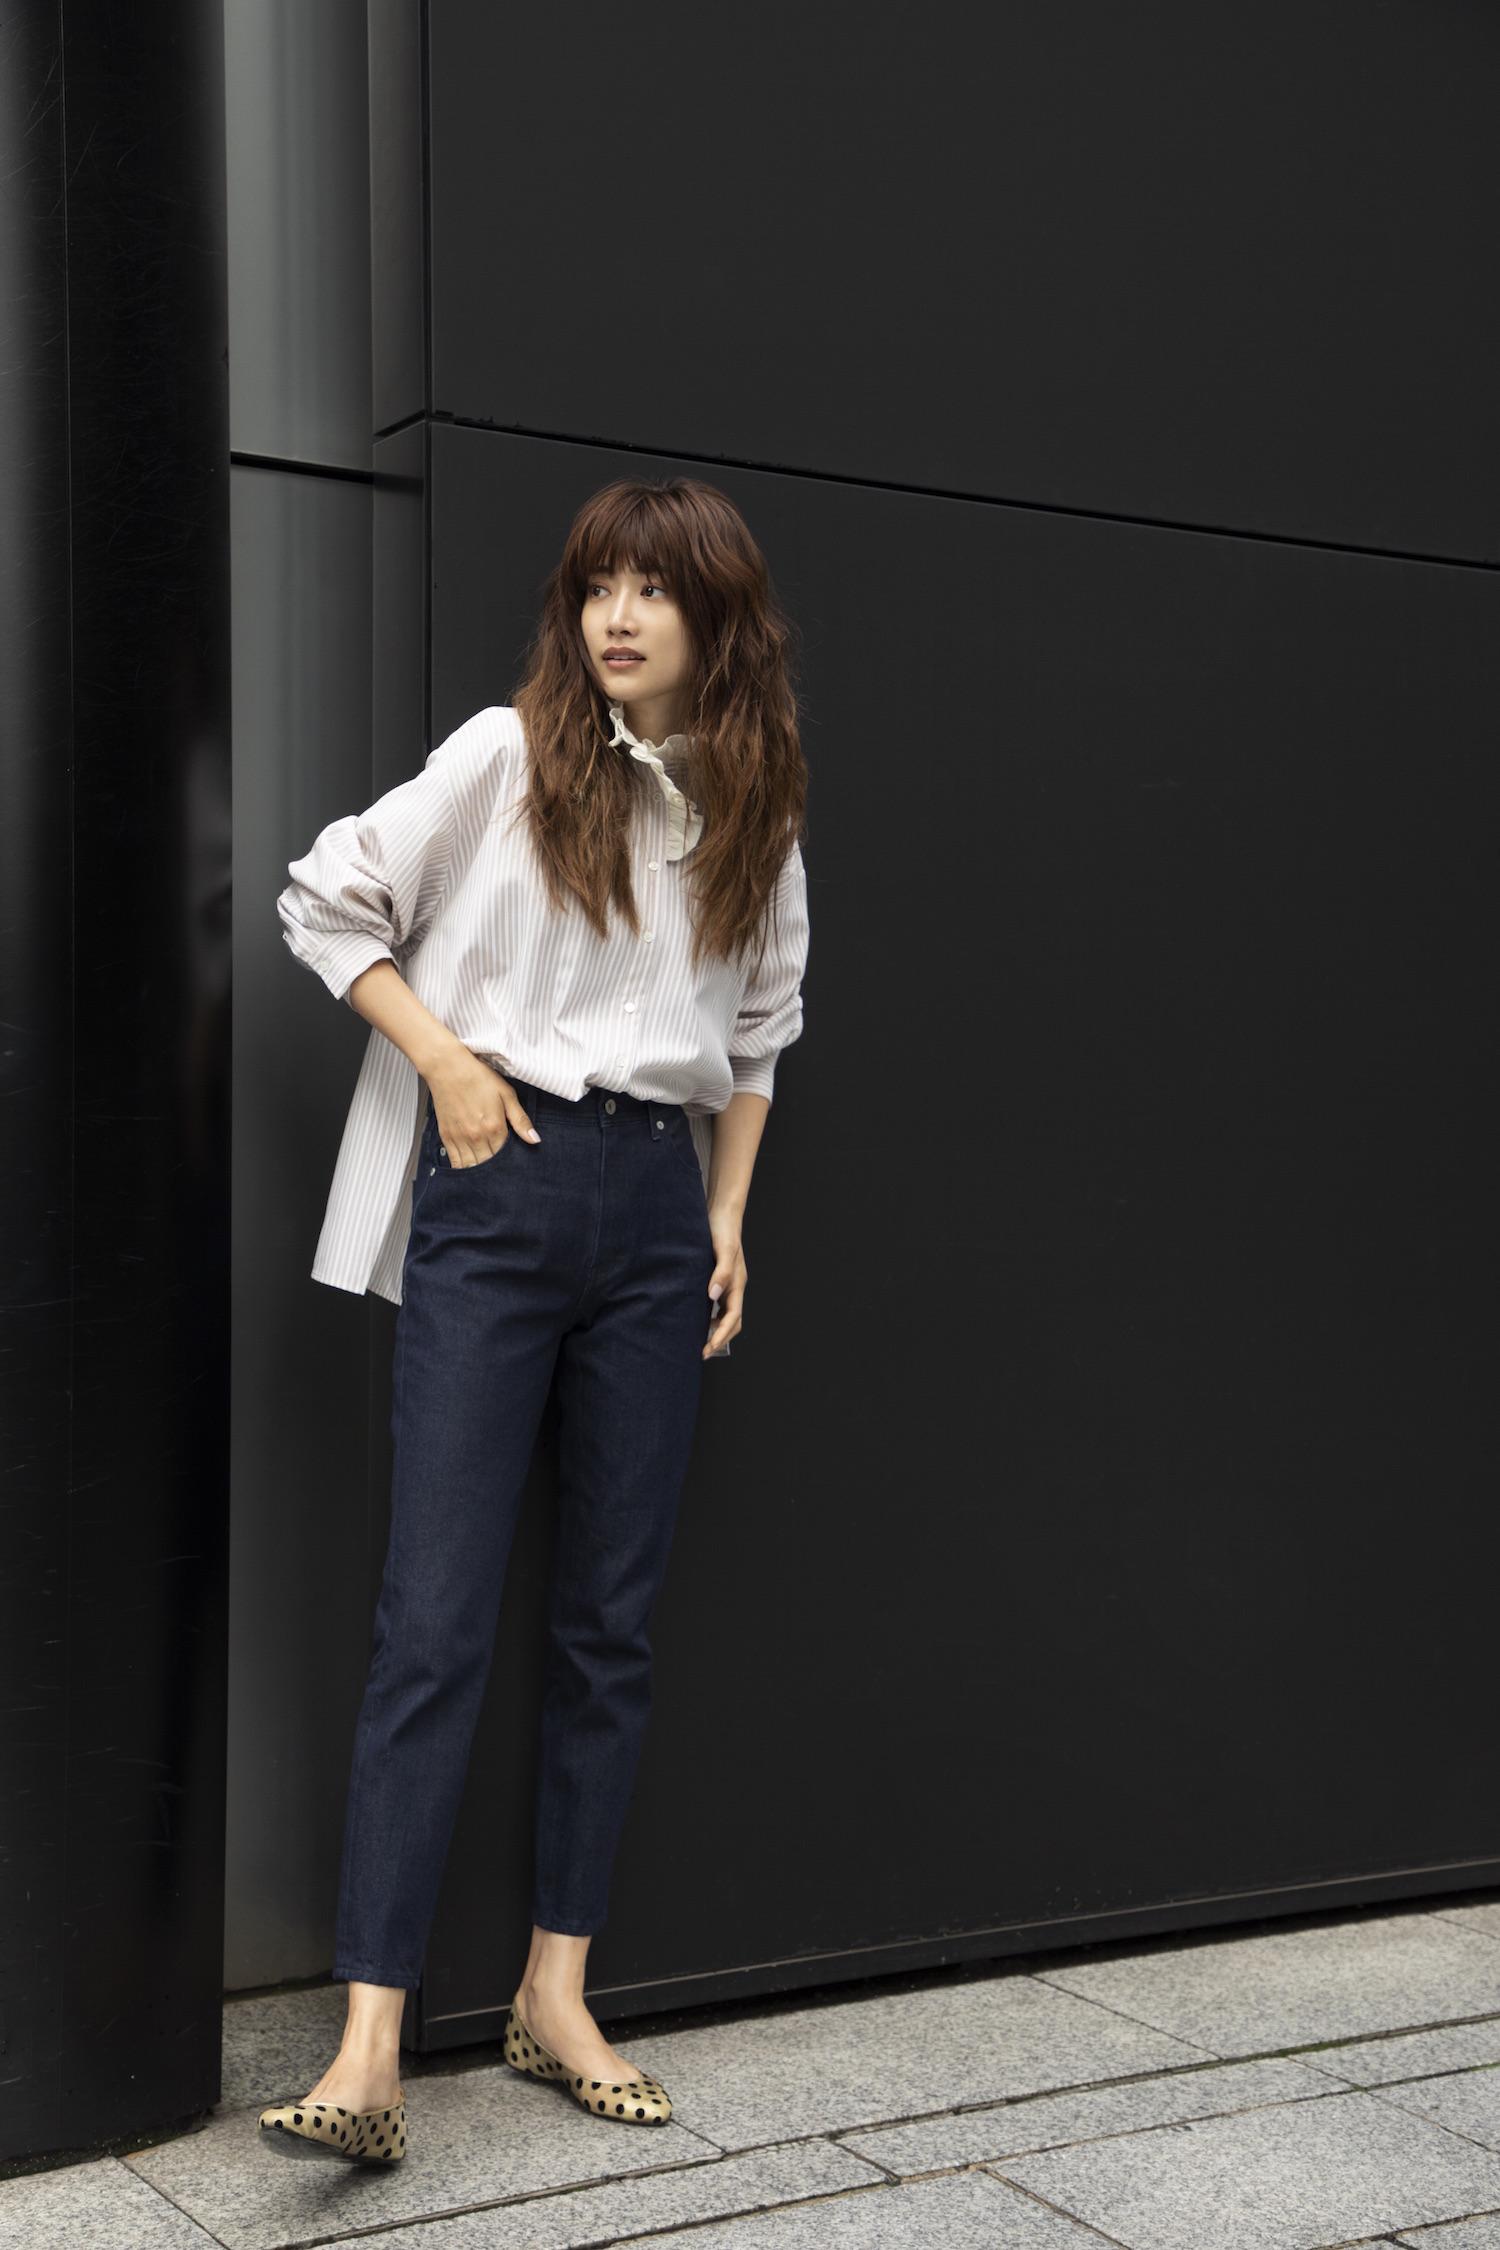 モデル・ヨンアがディレクションするブランド『COEL』が『YANUK』とコラボ! こだわりデニムで美シルエットに♡_1